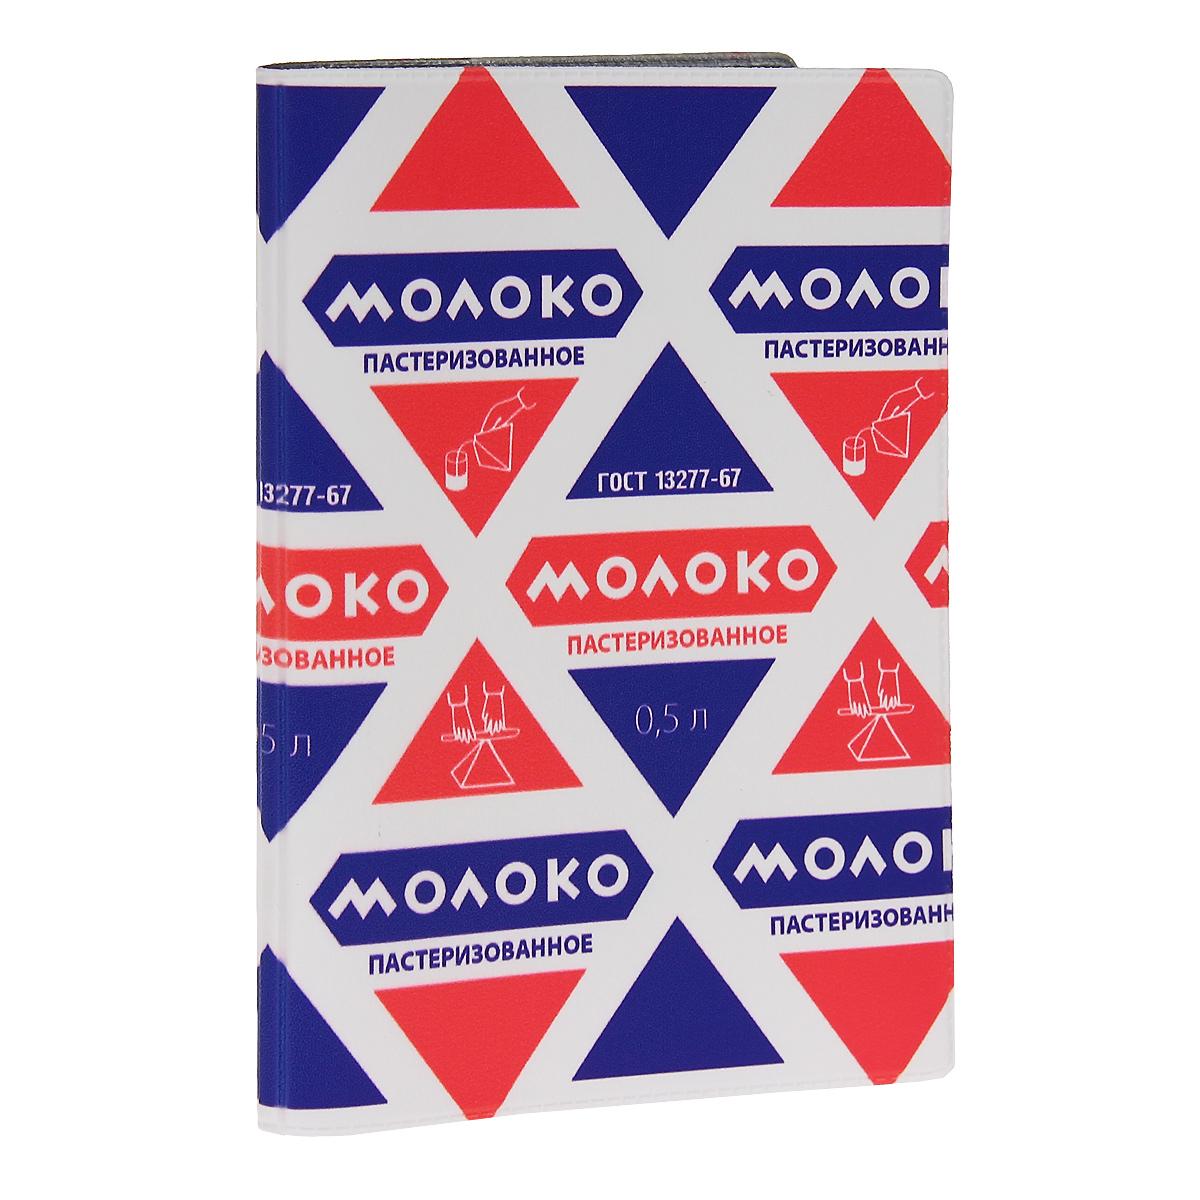 Обложка для паспорта Молоко. OZAM289ПВХ (поливинилхлорид)Обложка для паспорта Mitya Veselkov Молоко выполнена из прочного ПВХ и стилизована под упаковку из-под молока. Такая обложка не только поможет сохранить внешний вид ваших документов и защитит их от повреждений, но и станет стильным аксессуаром, идеально подходящим вашему образу.Яркая и оригинальная обложка подчеркнет вашу индивидуальность и изысканный вкус. Обложка для паспорта стильного дизайна может быть достойным и оригинальным подарком.